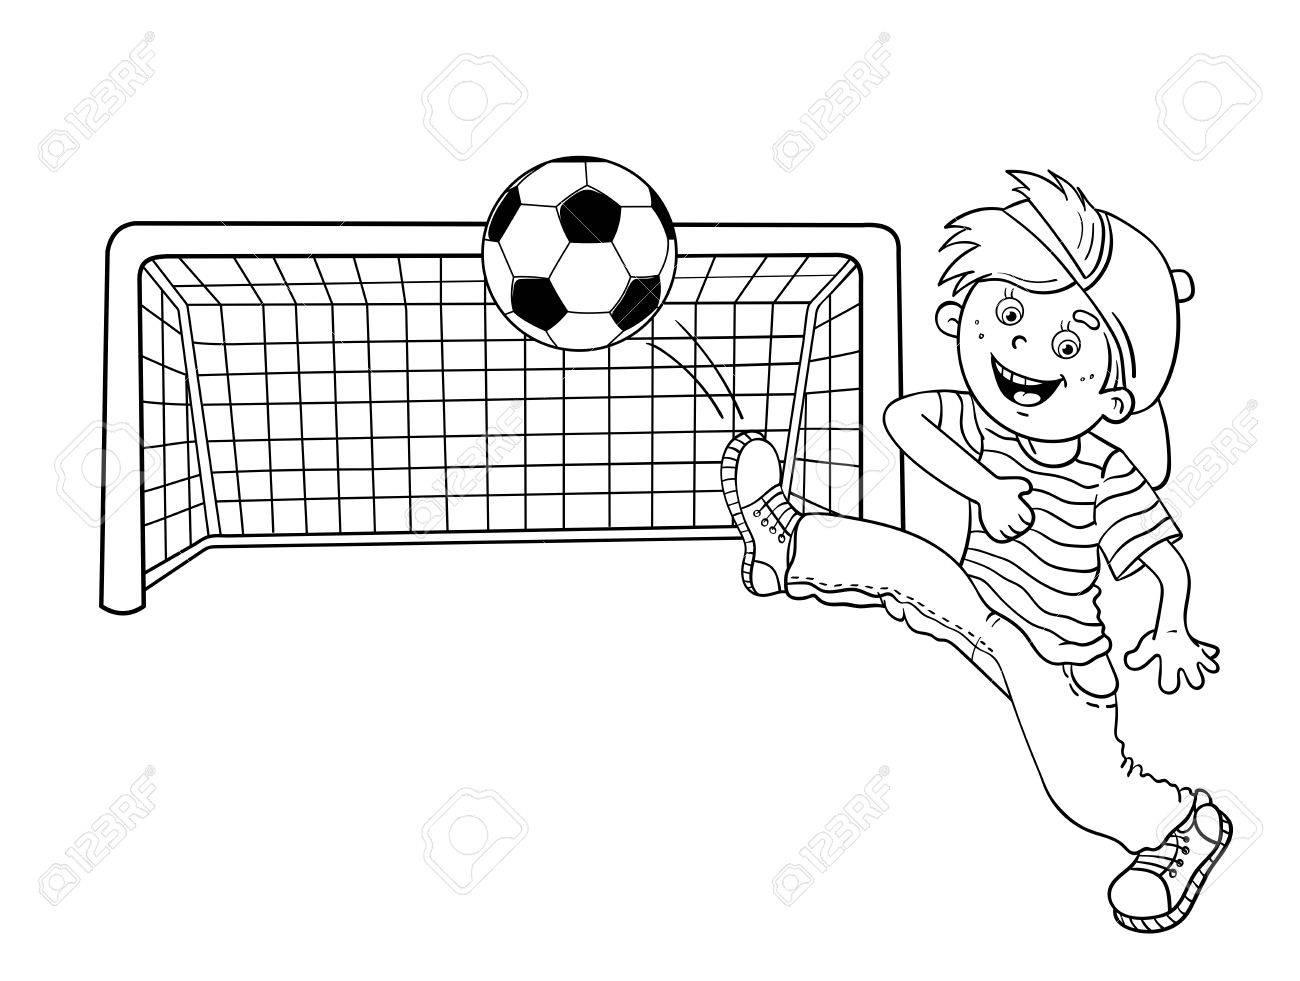 Esquema Página Para Colorear De Un Muchacho De Dibujos Animados Patear Un Balón De Fútbol